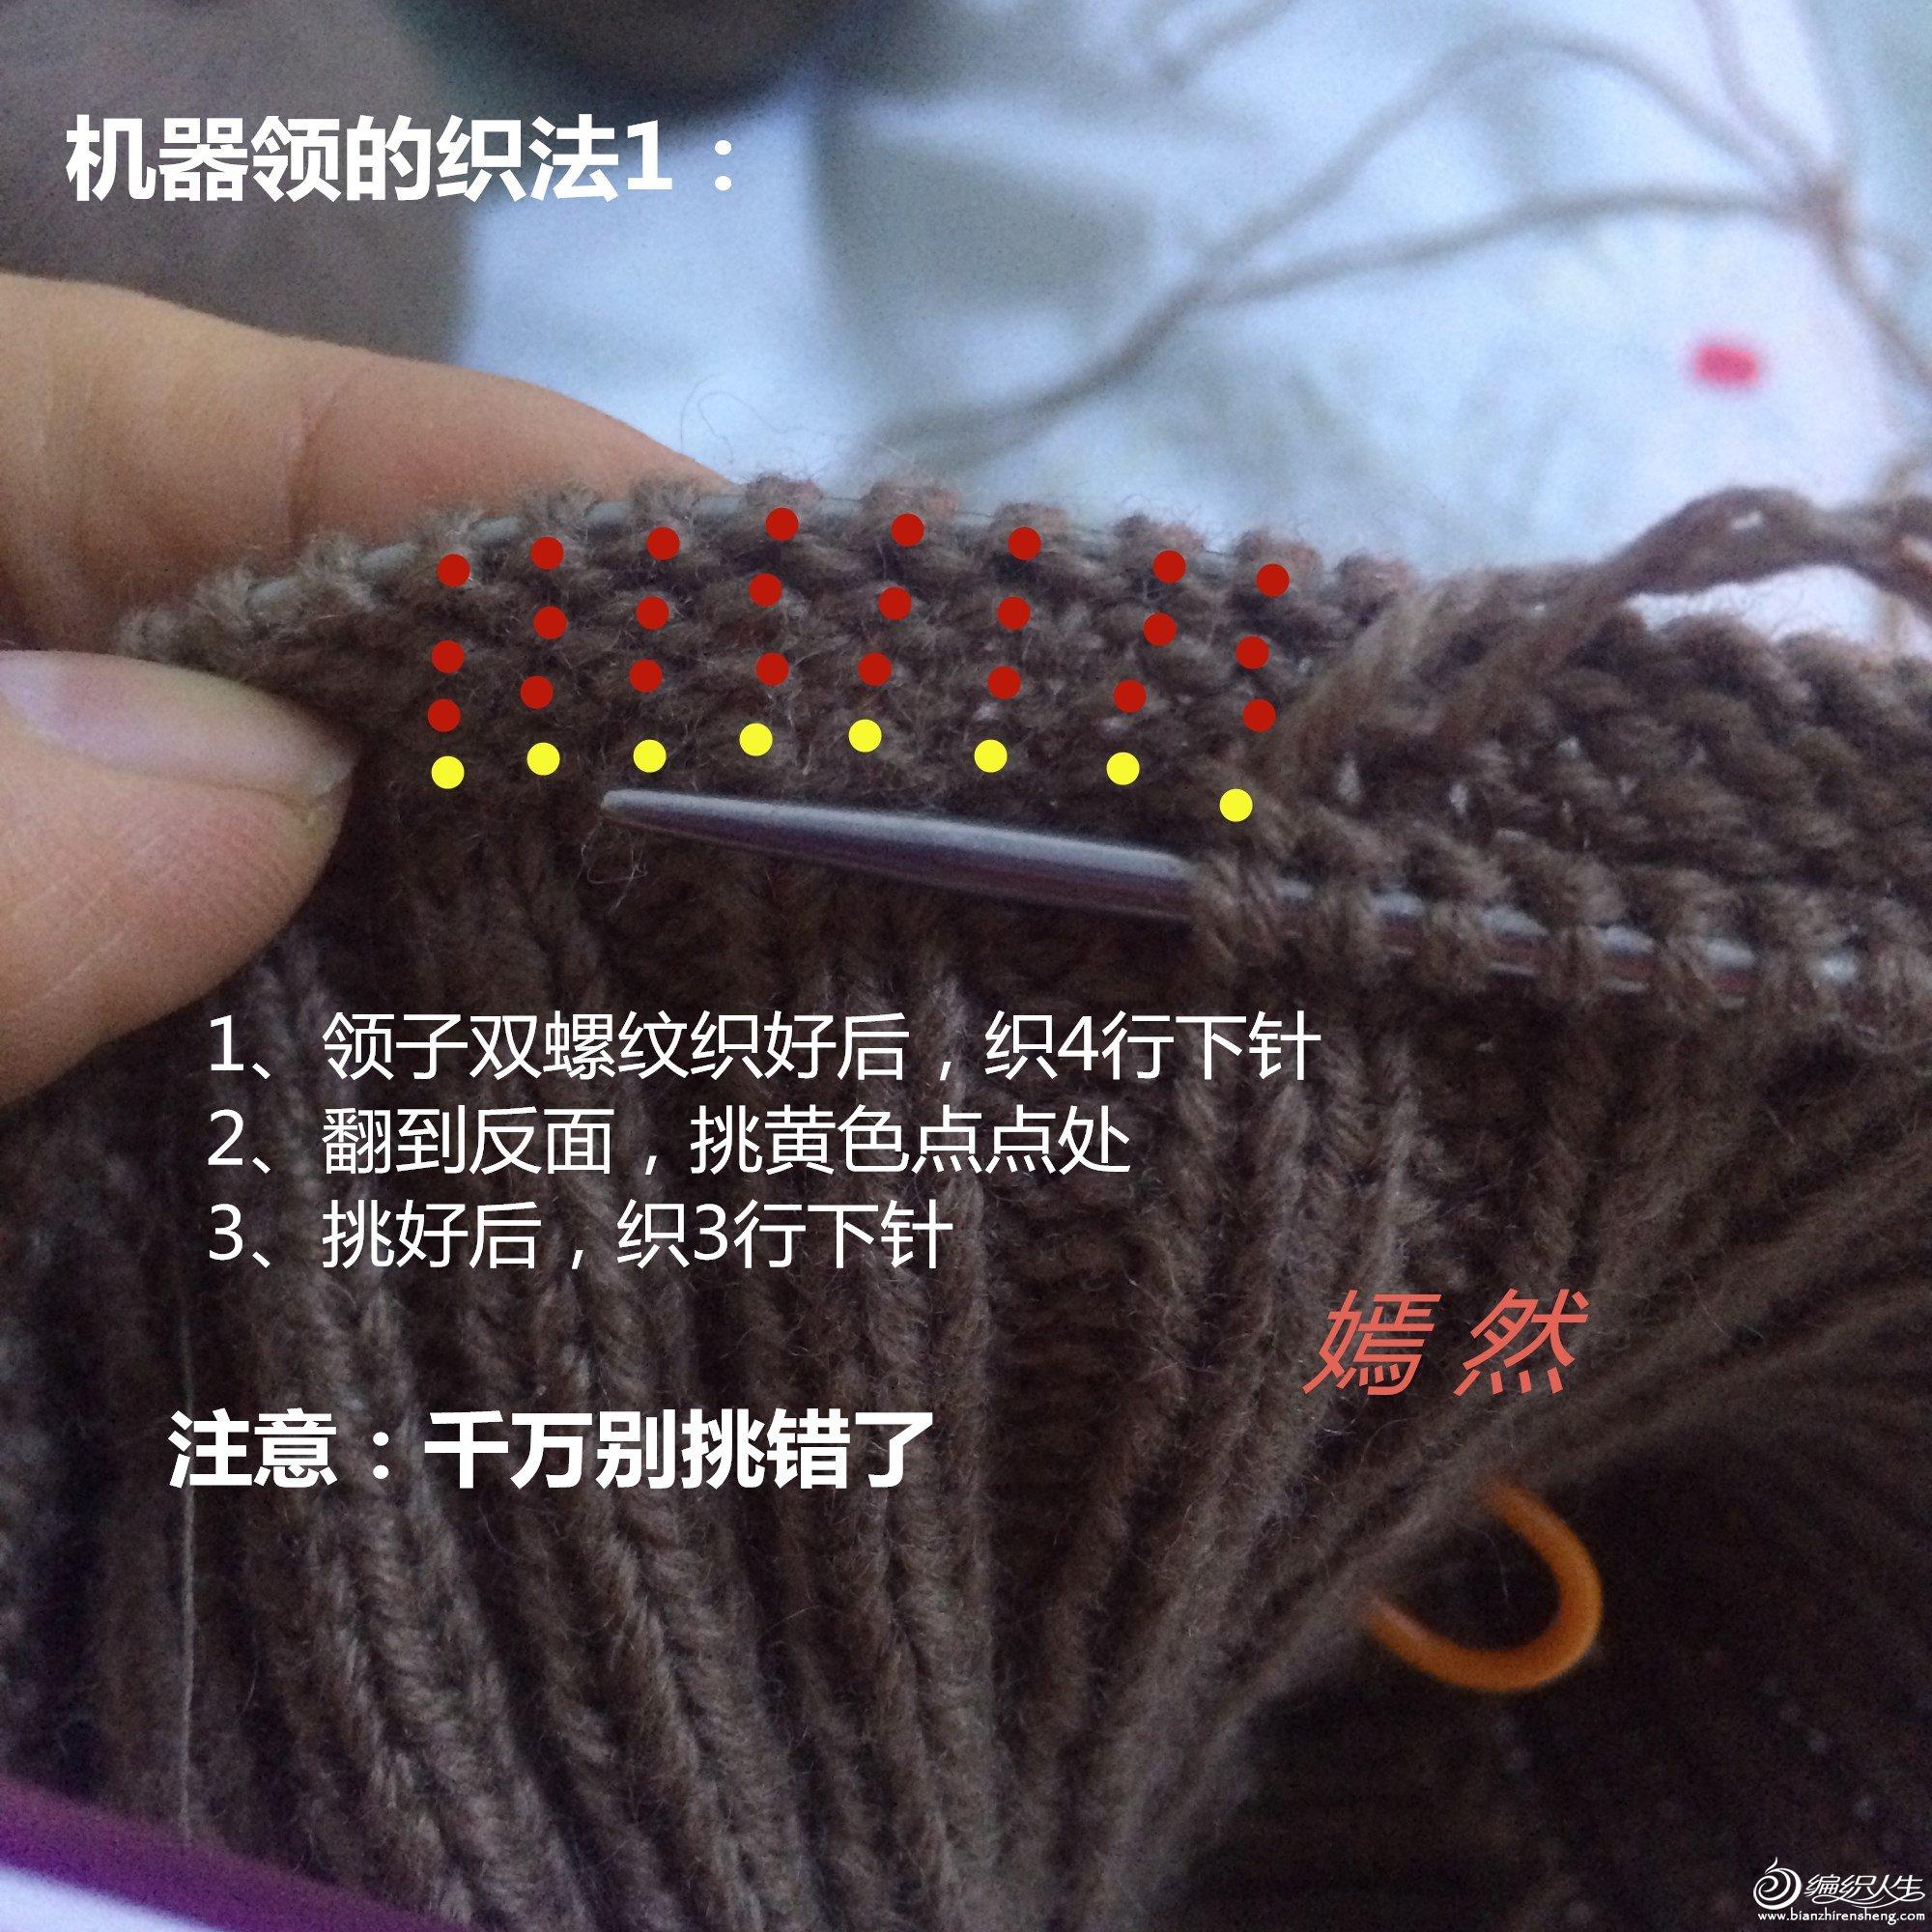 机器领的织法